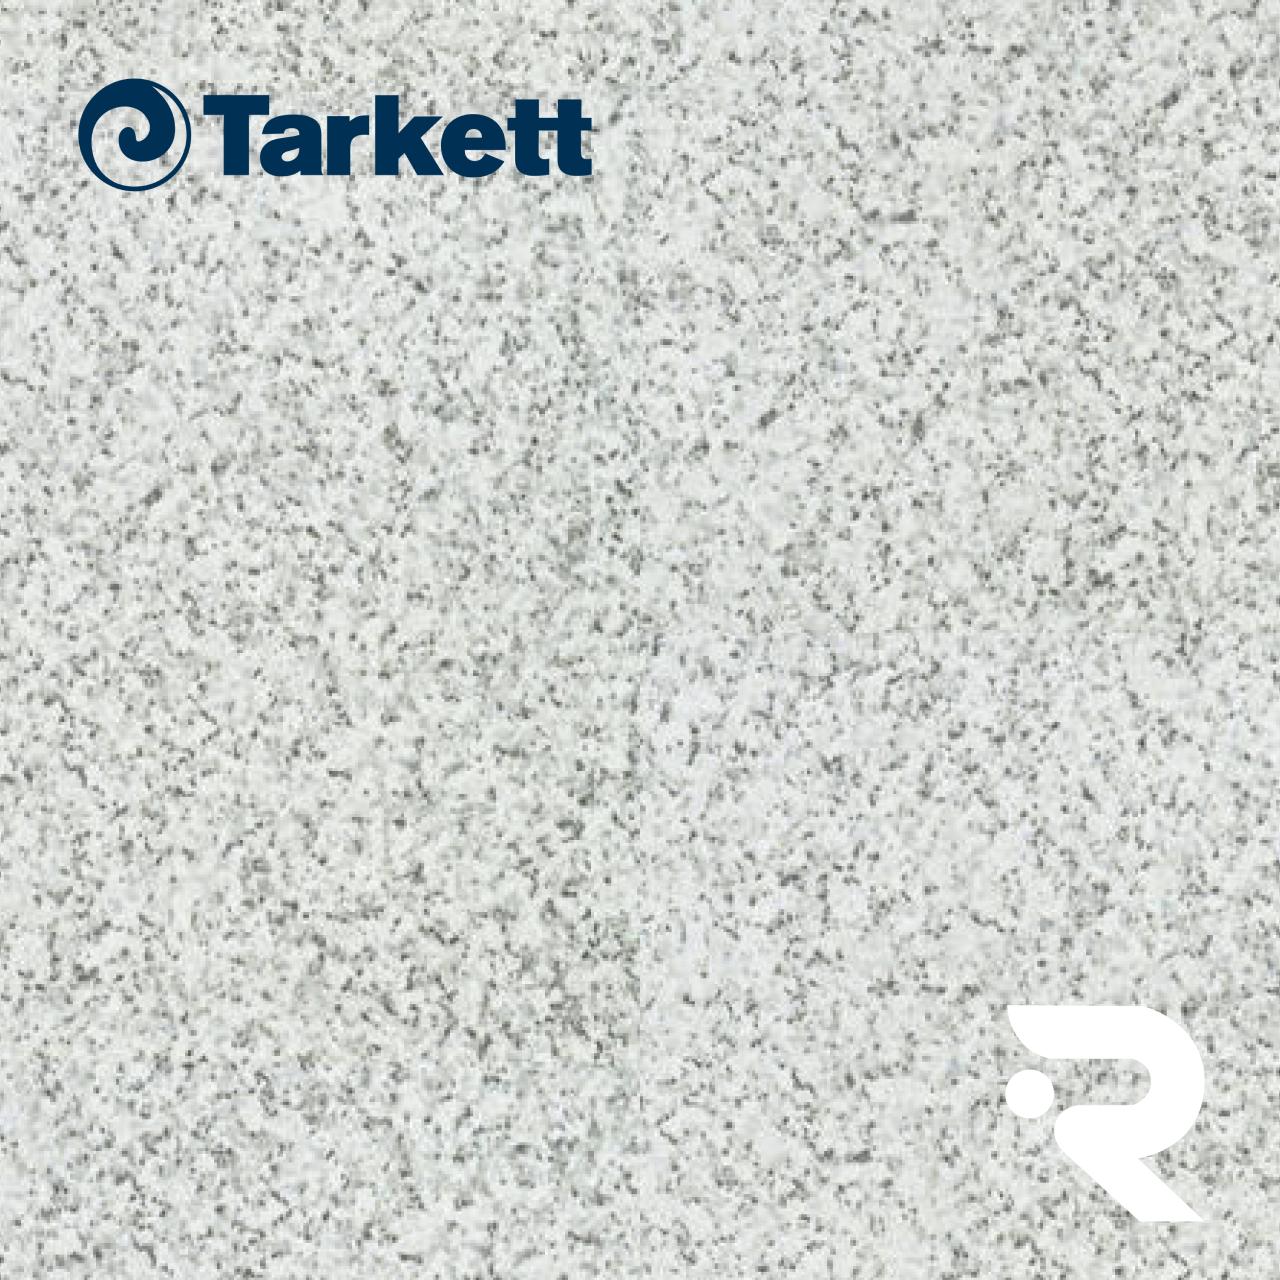 🌳 ПВХ плитка Tarkett NEW AGE - SPACE | Art Vinyl | 457 x 457 мм